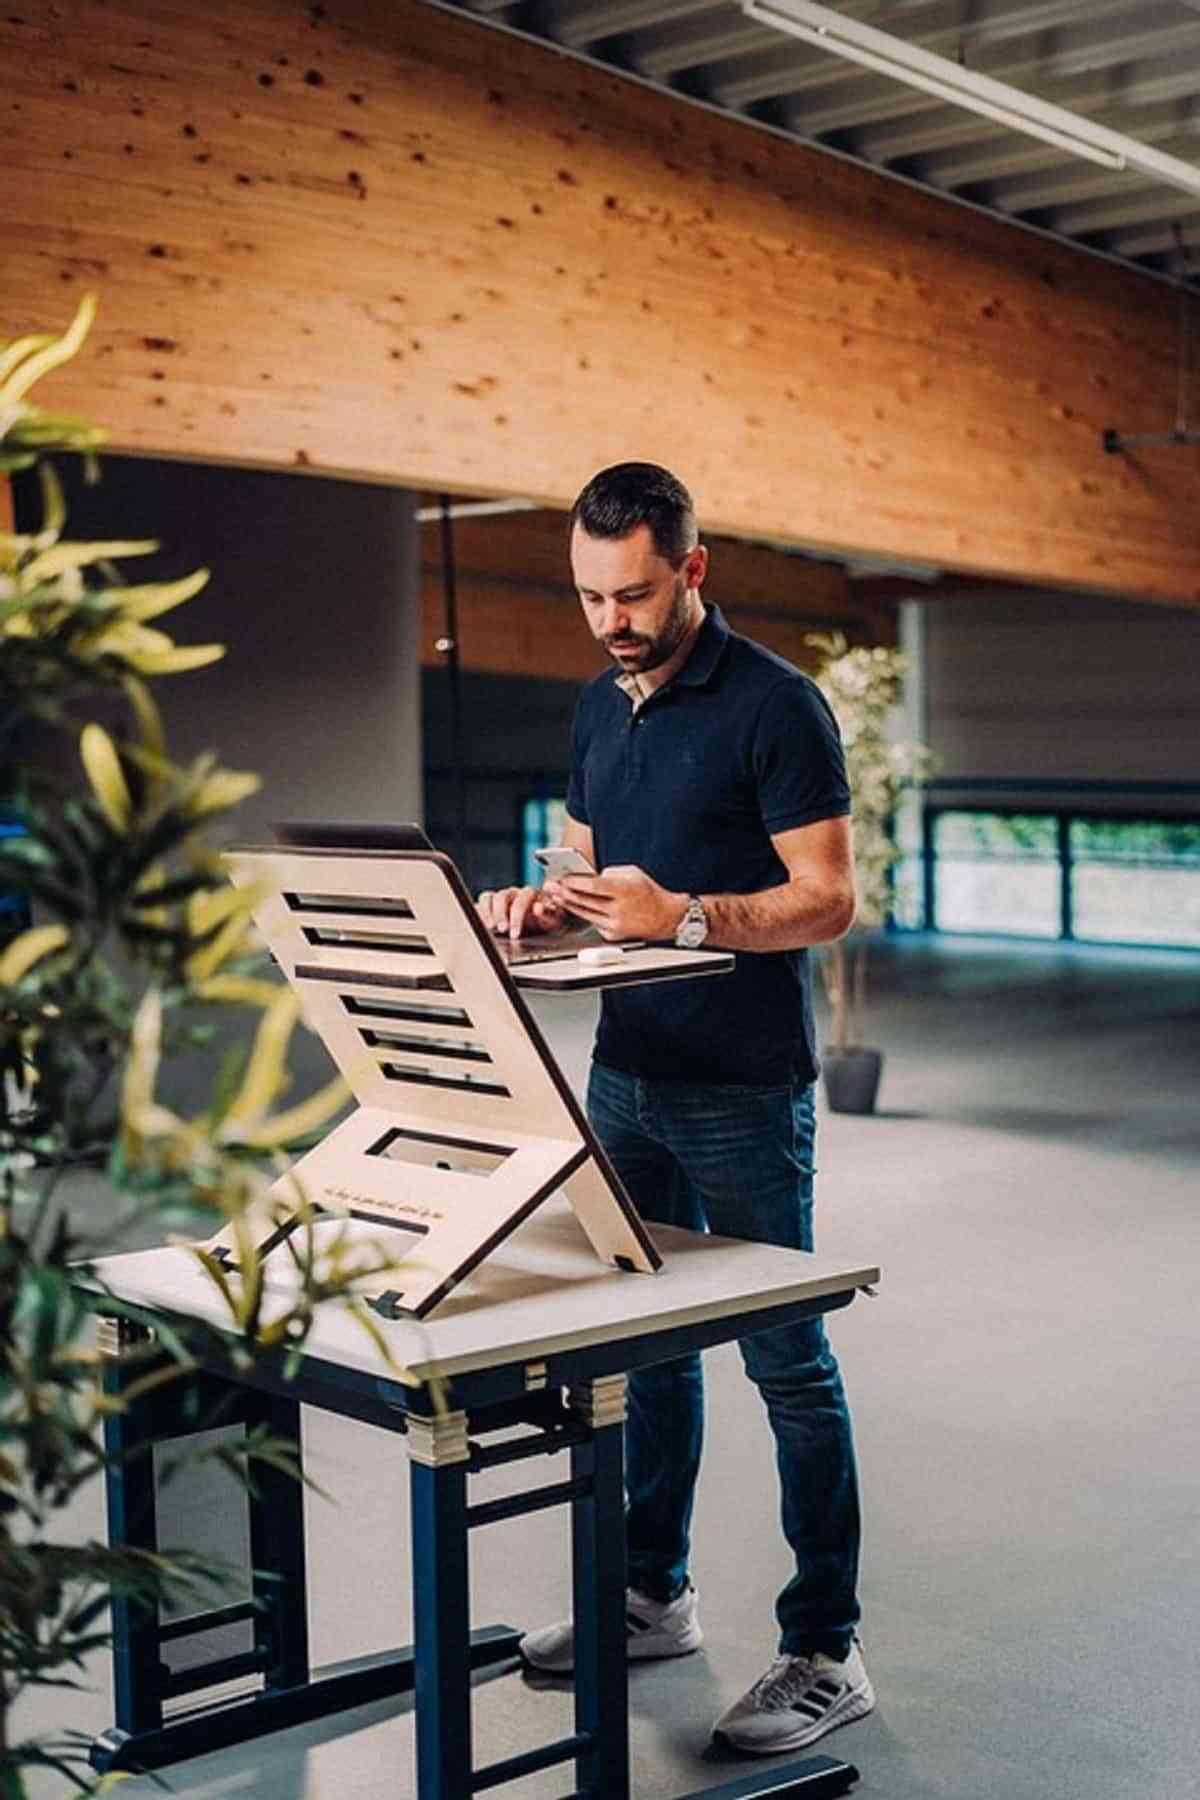 Trabajar en un escritorio de pie tiene grandes beneficios para nuestra espalda, cuello y brazos.